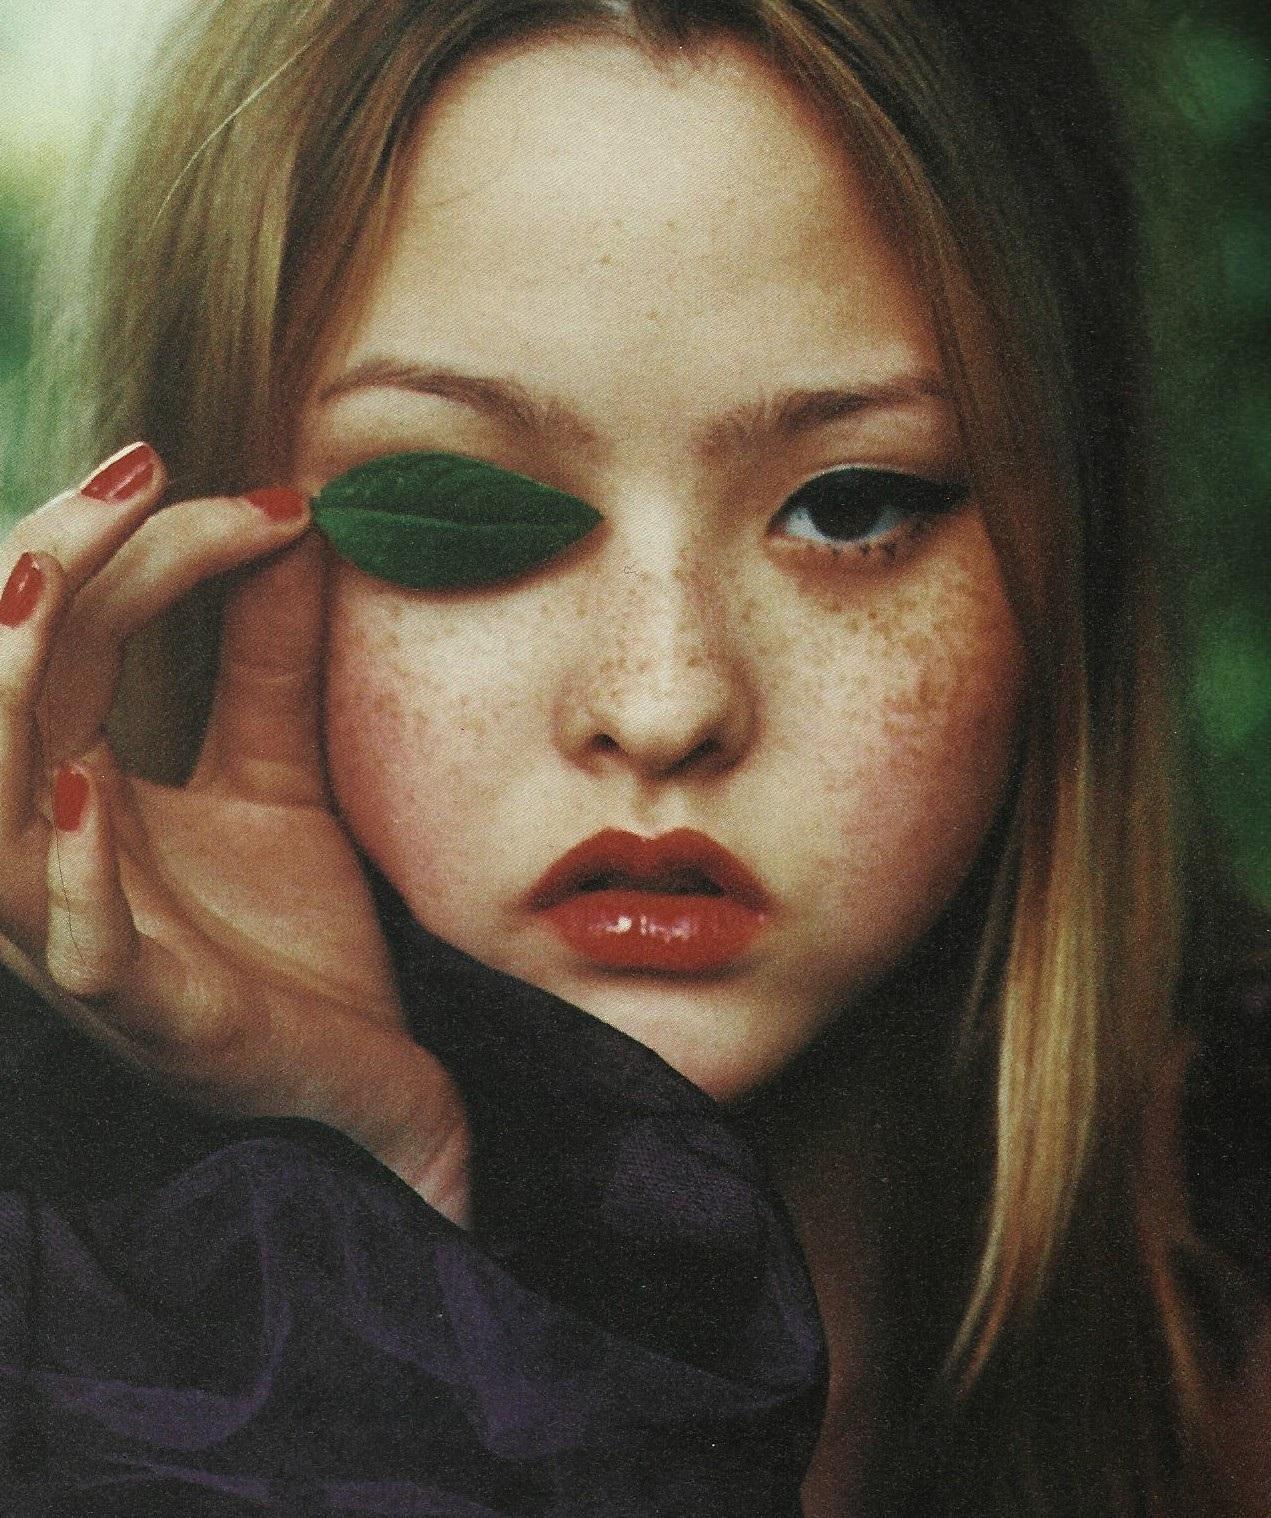 Devon Aoki  by Ellen Von Unwerth for  I-D  magazine  The Adult issue,September 1998.